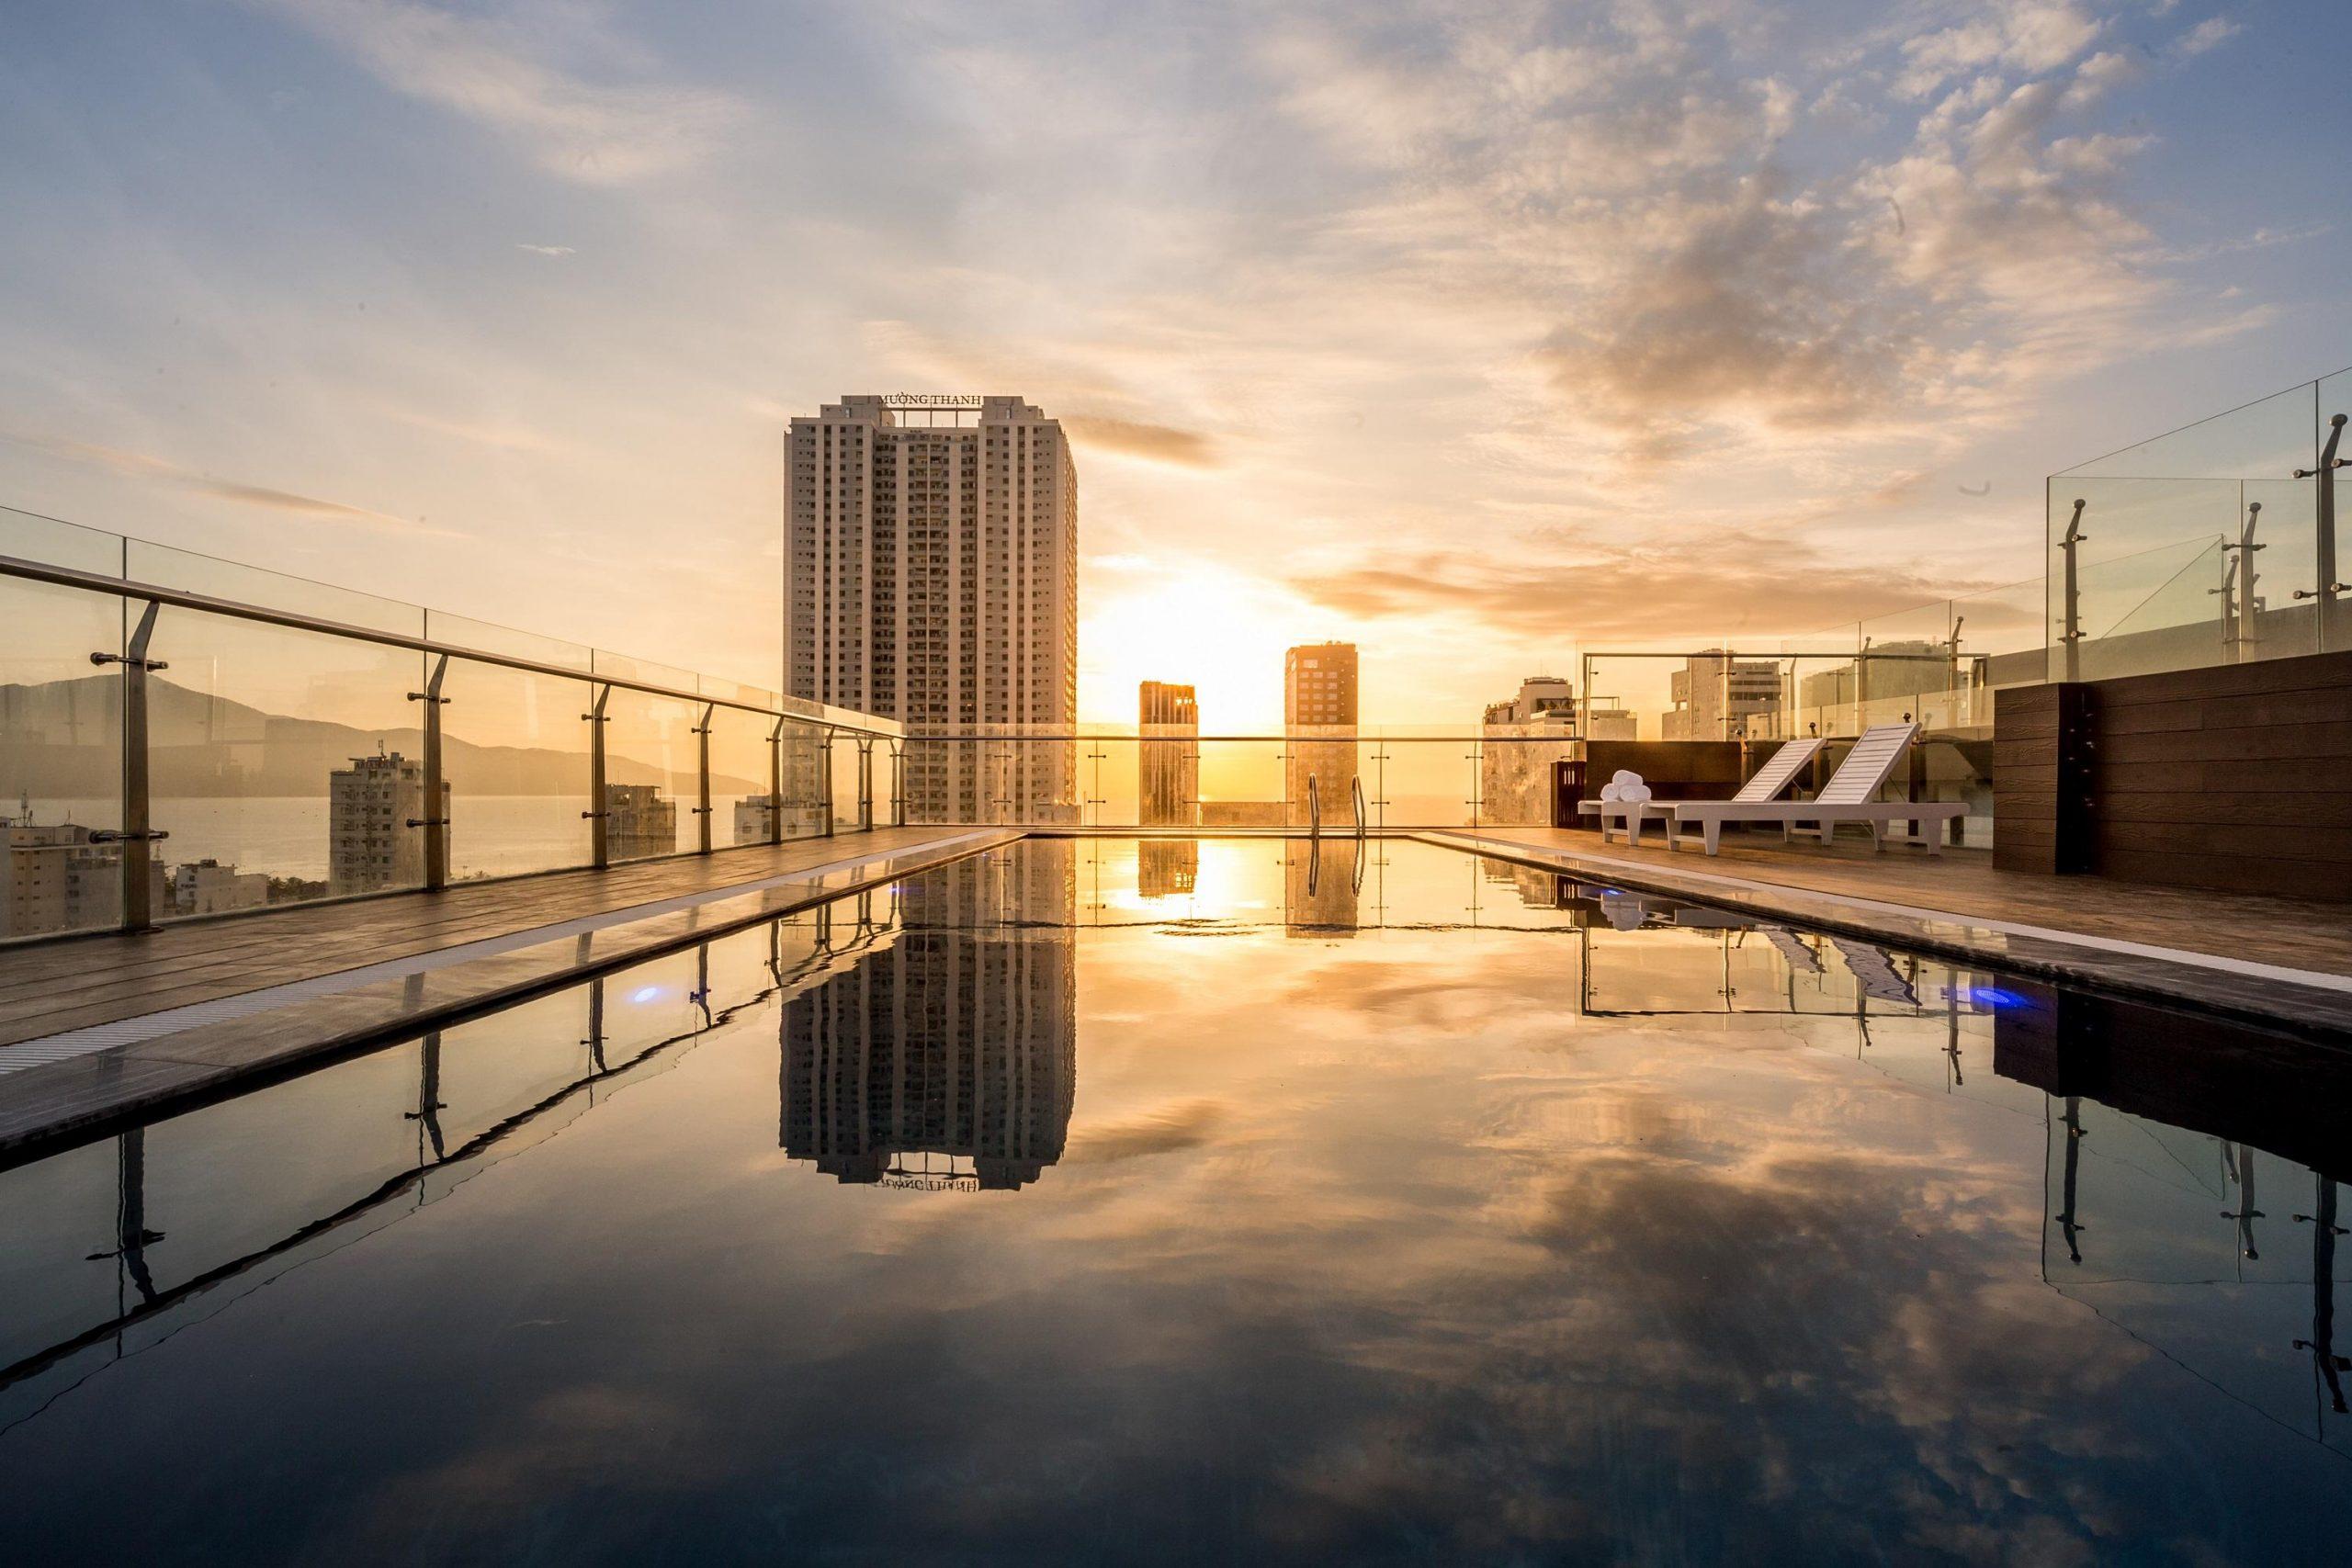 Hồ bơi Dự án căn hộ Hưng Thịnh Sunshine Đông Hòa, Dĩ An, Bình Dương